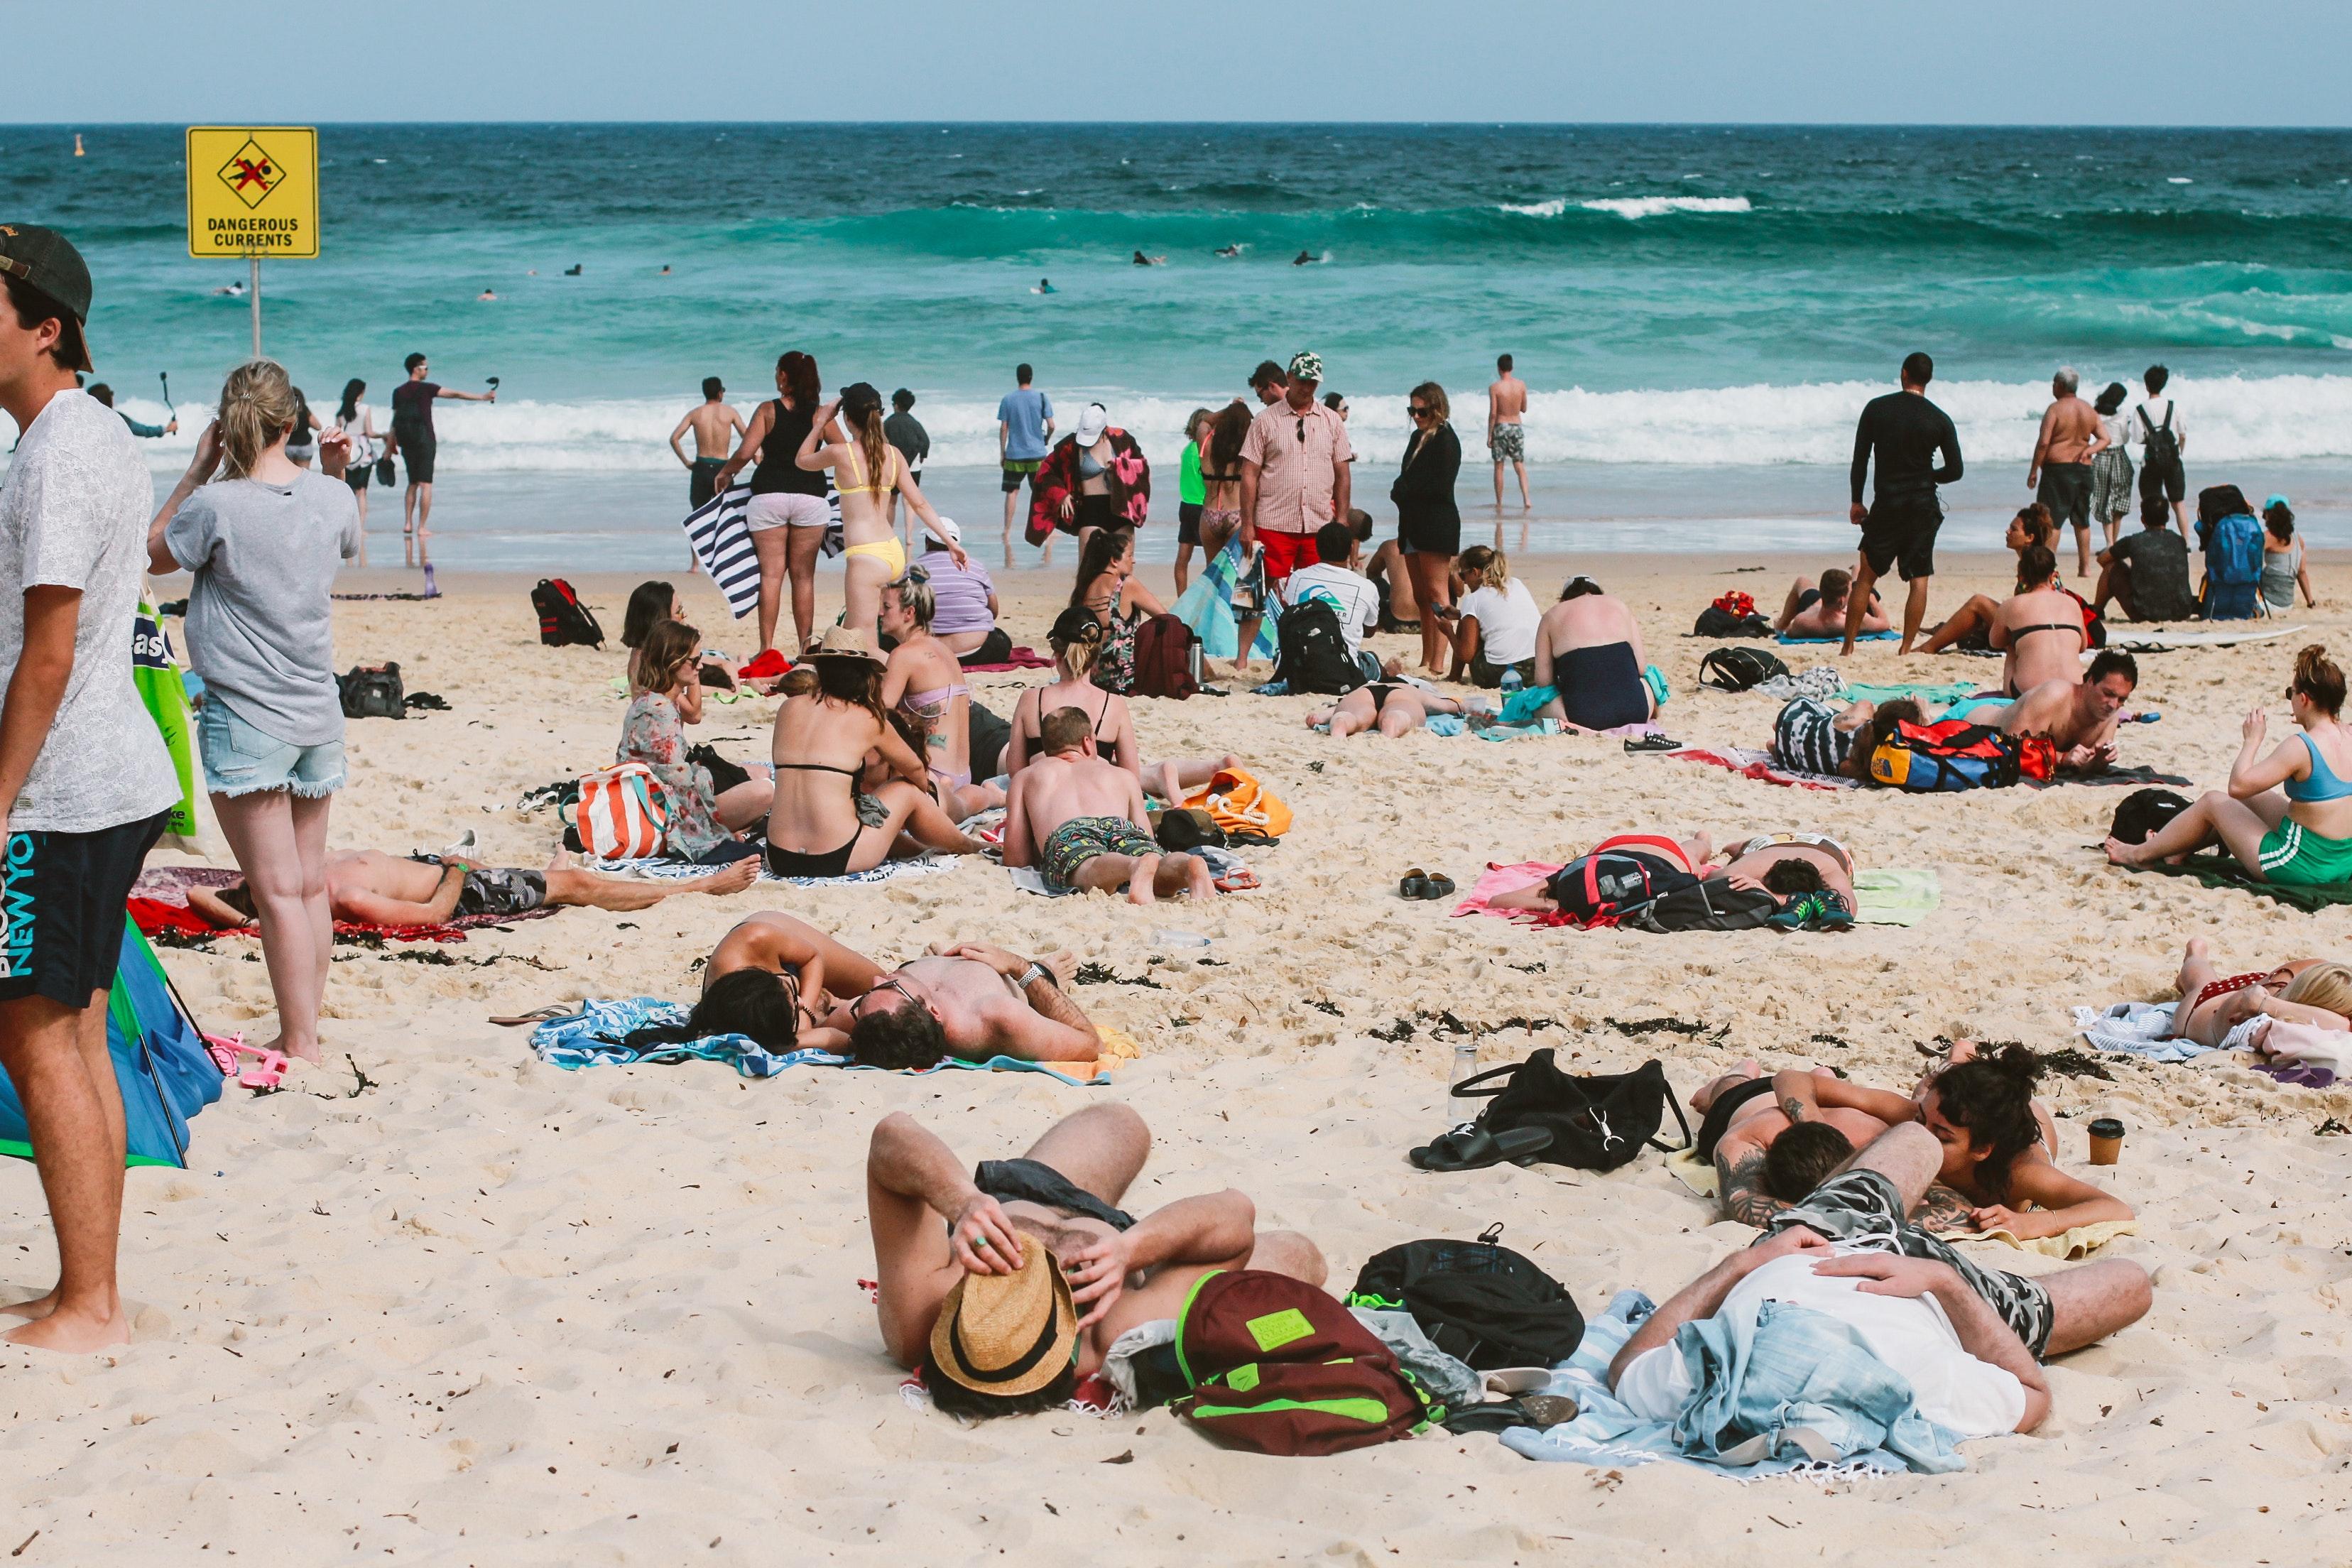 Если человек легко сгорает на солнце, риск рака кожи повышается